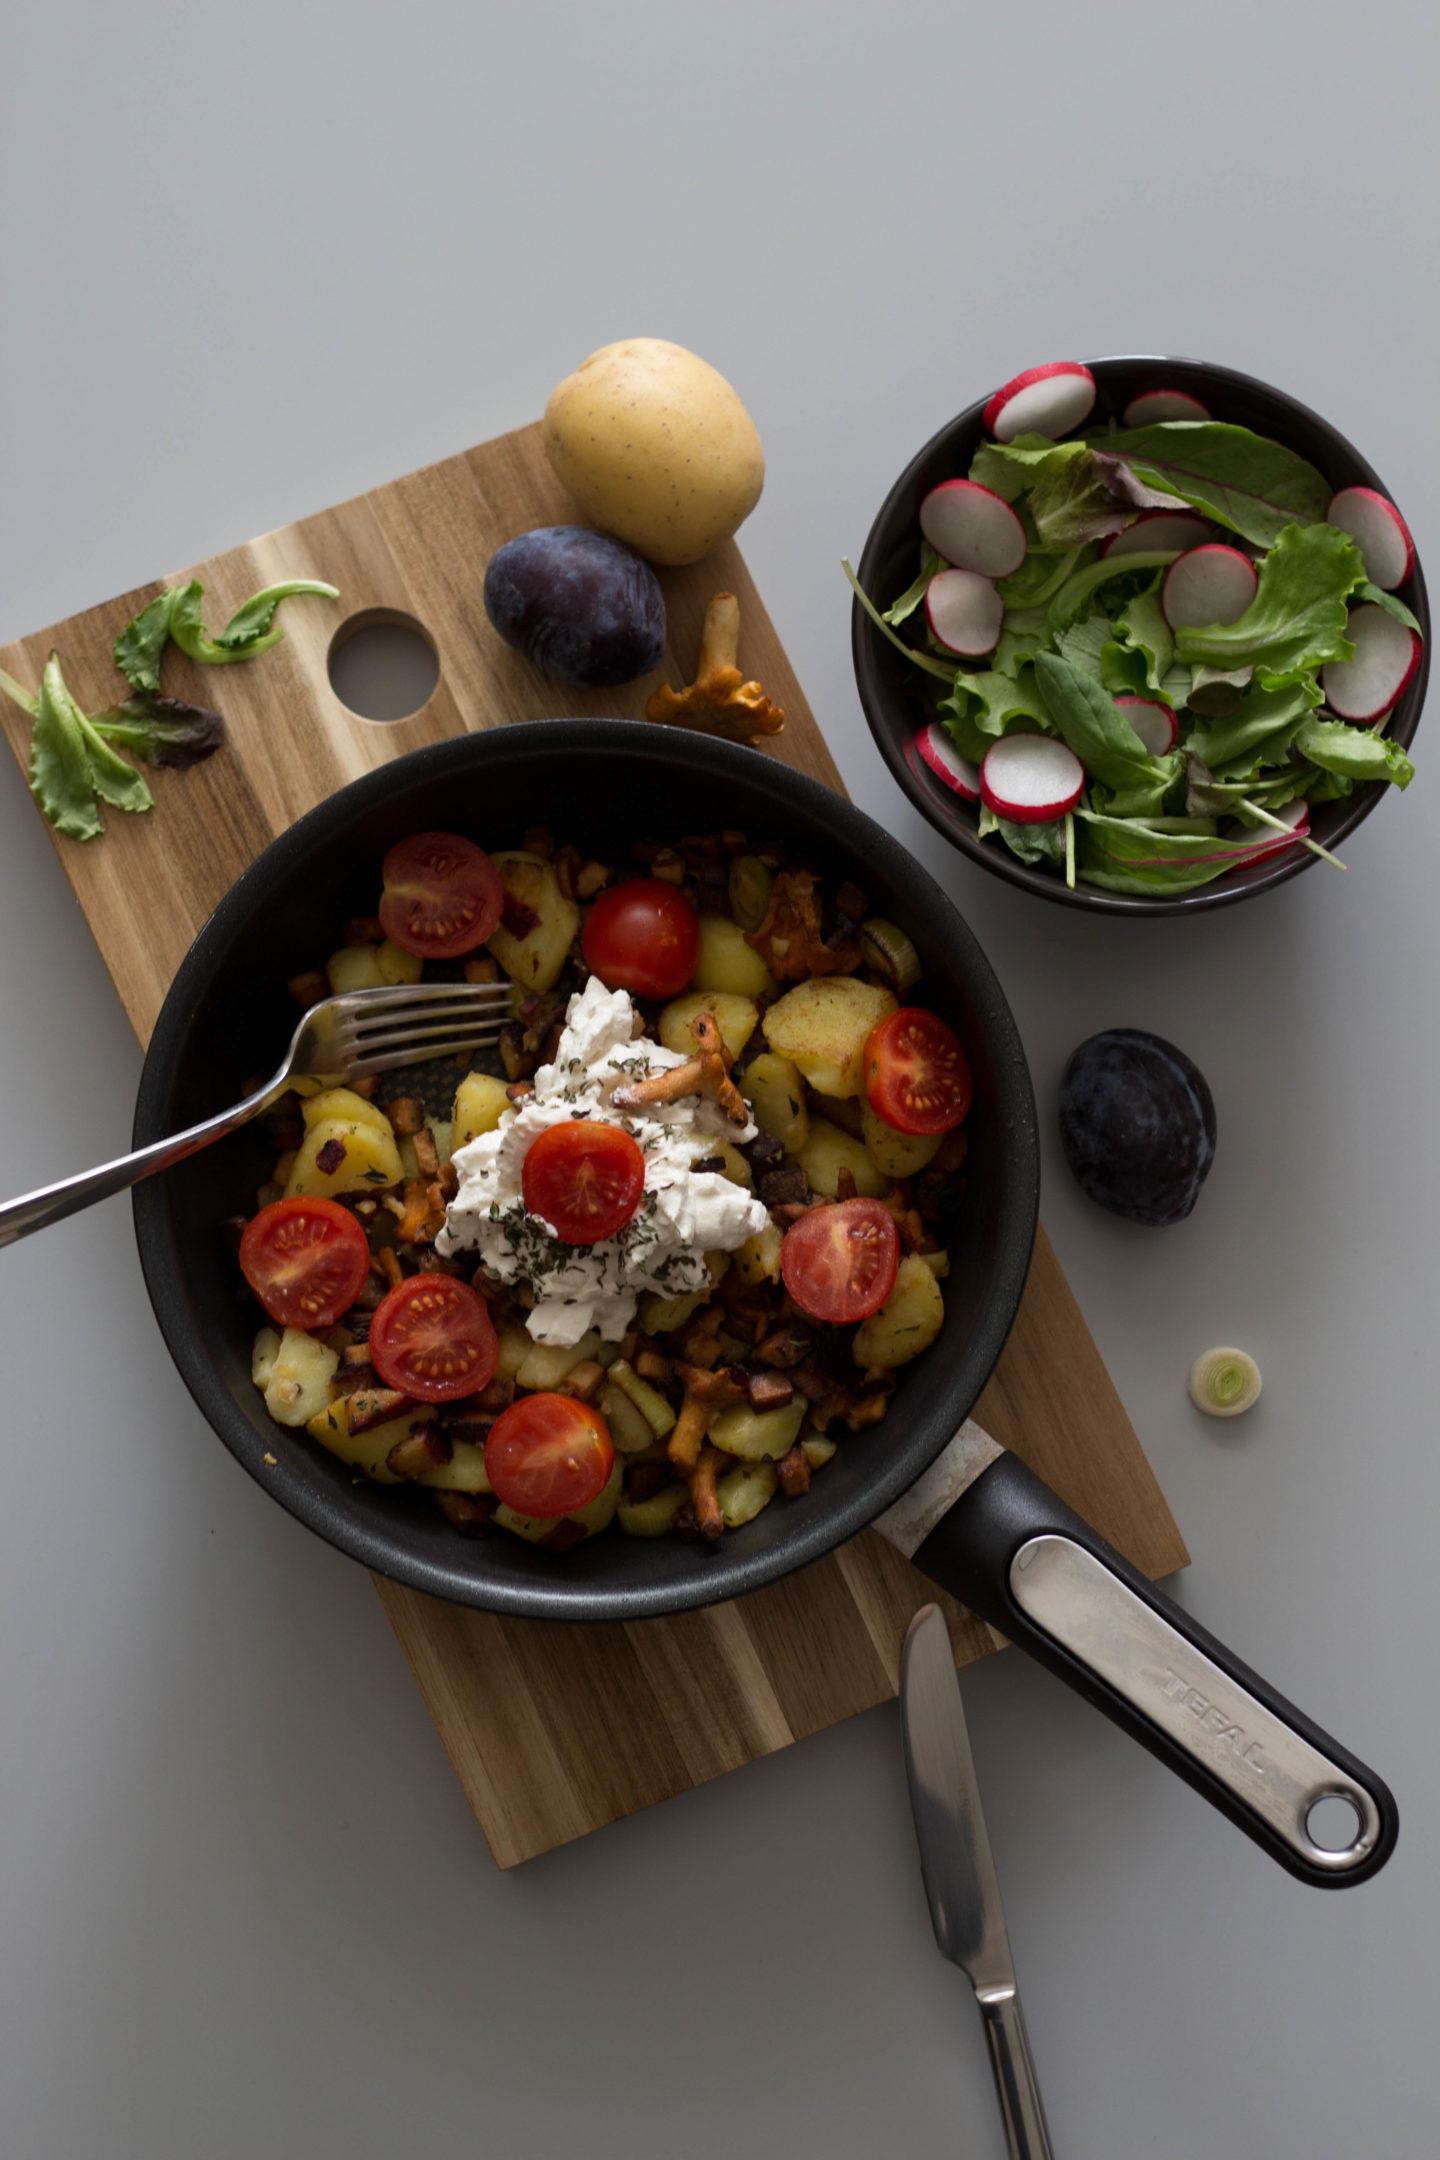 Vegan, Dein HomeSpa, Austria, Mostviertel, Bowl, Cooking, Cleaneating, Kräuterküche, Geröstete Eierschwammerl